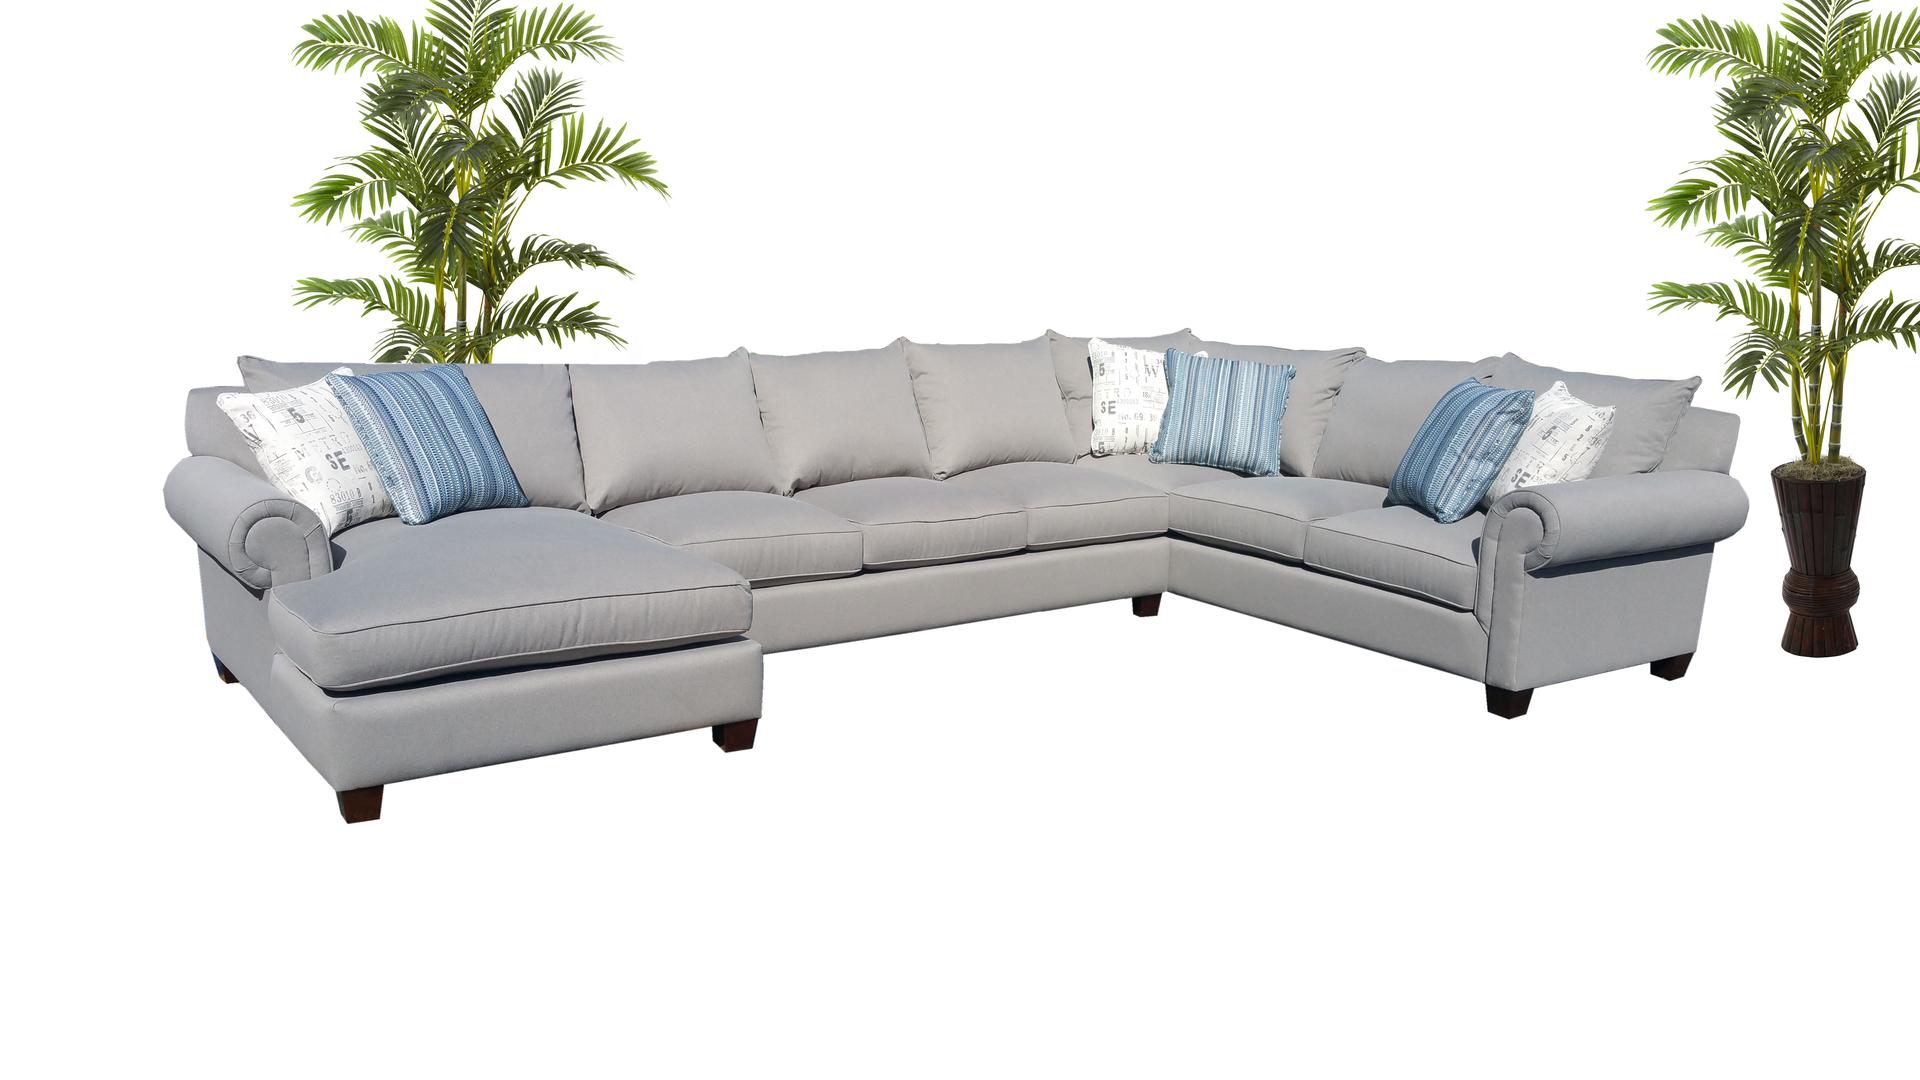 robert michael furniture az